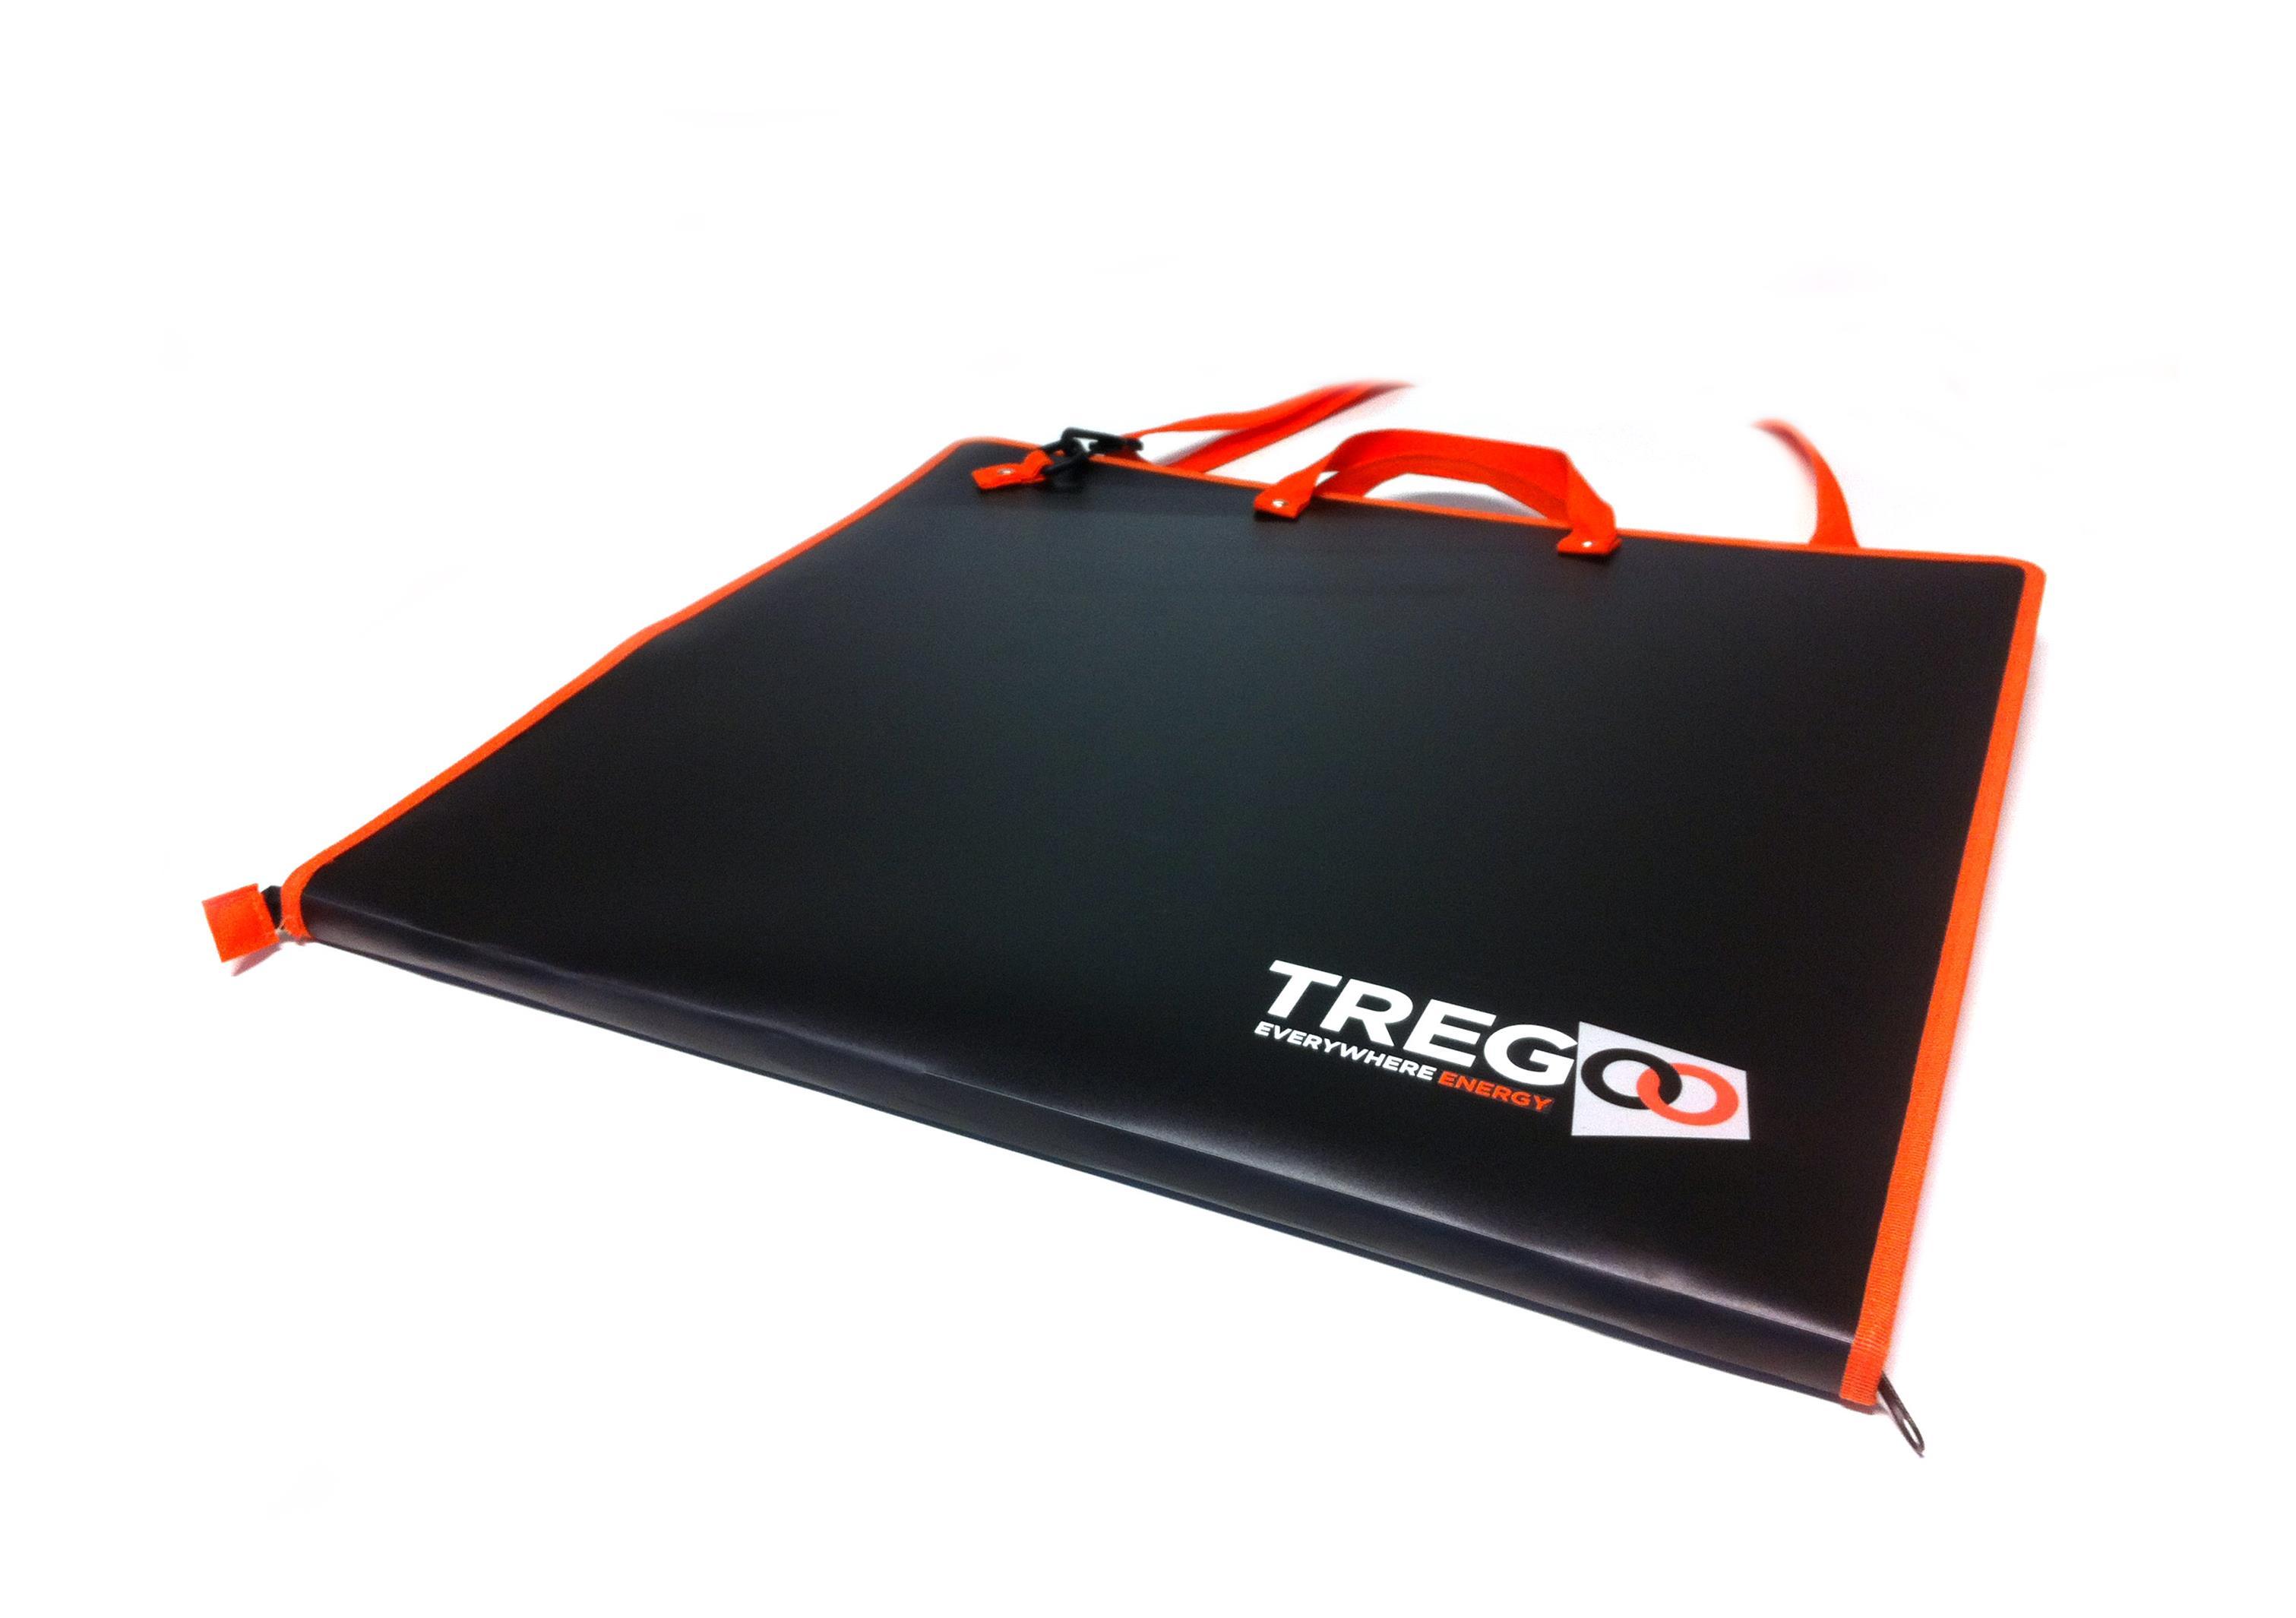 Pannello Solare Portatile Come Funziona : Hippy tregoo pannello solare portatile